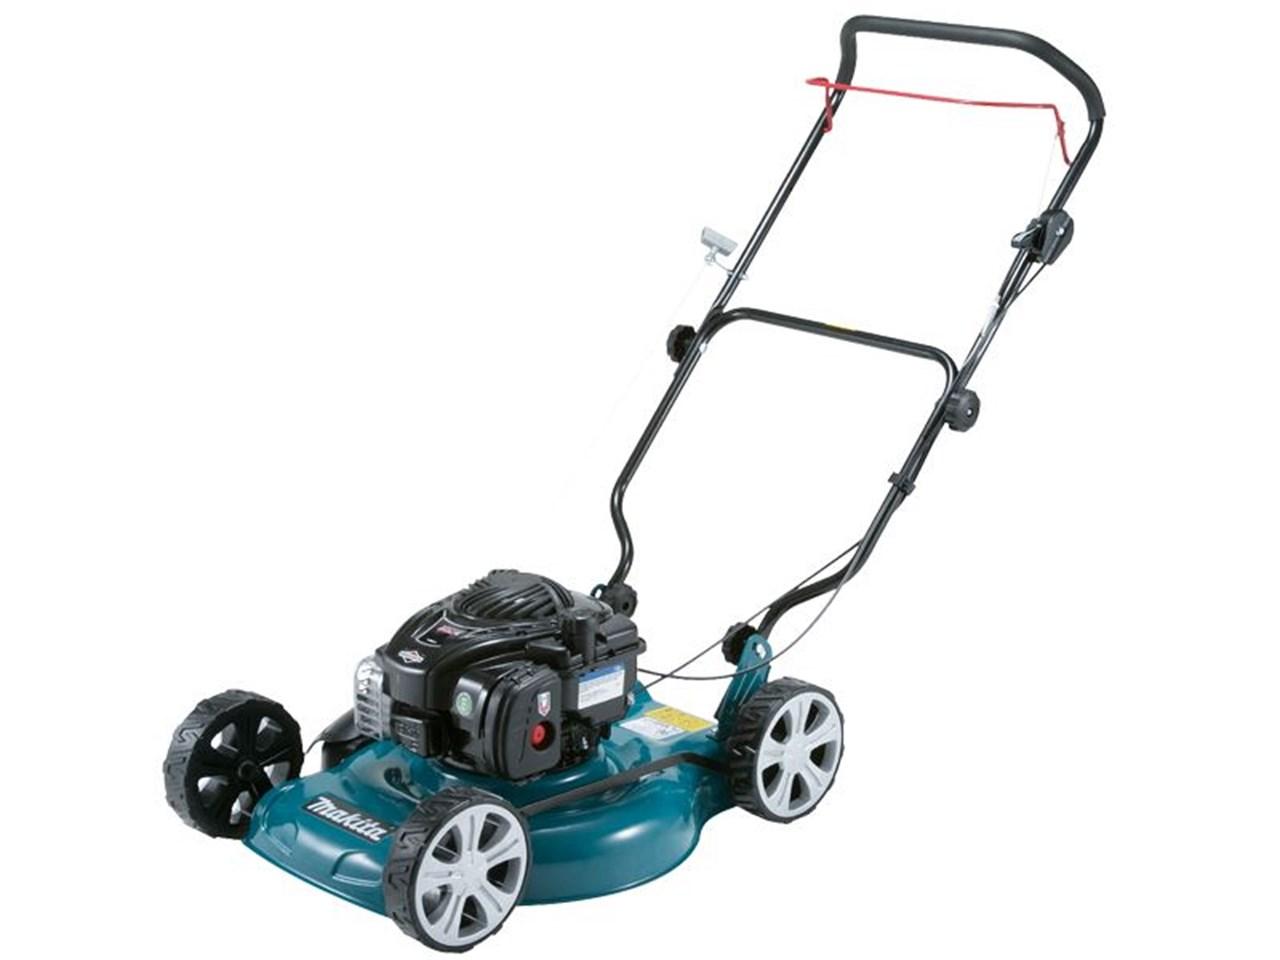 Makita PLM4817 140CC 4-Stroke Petrol Lawn Mower